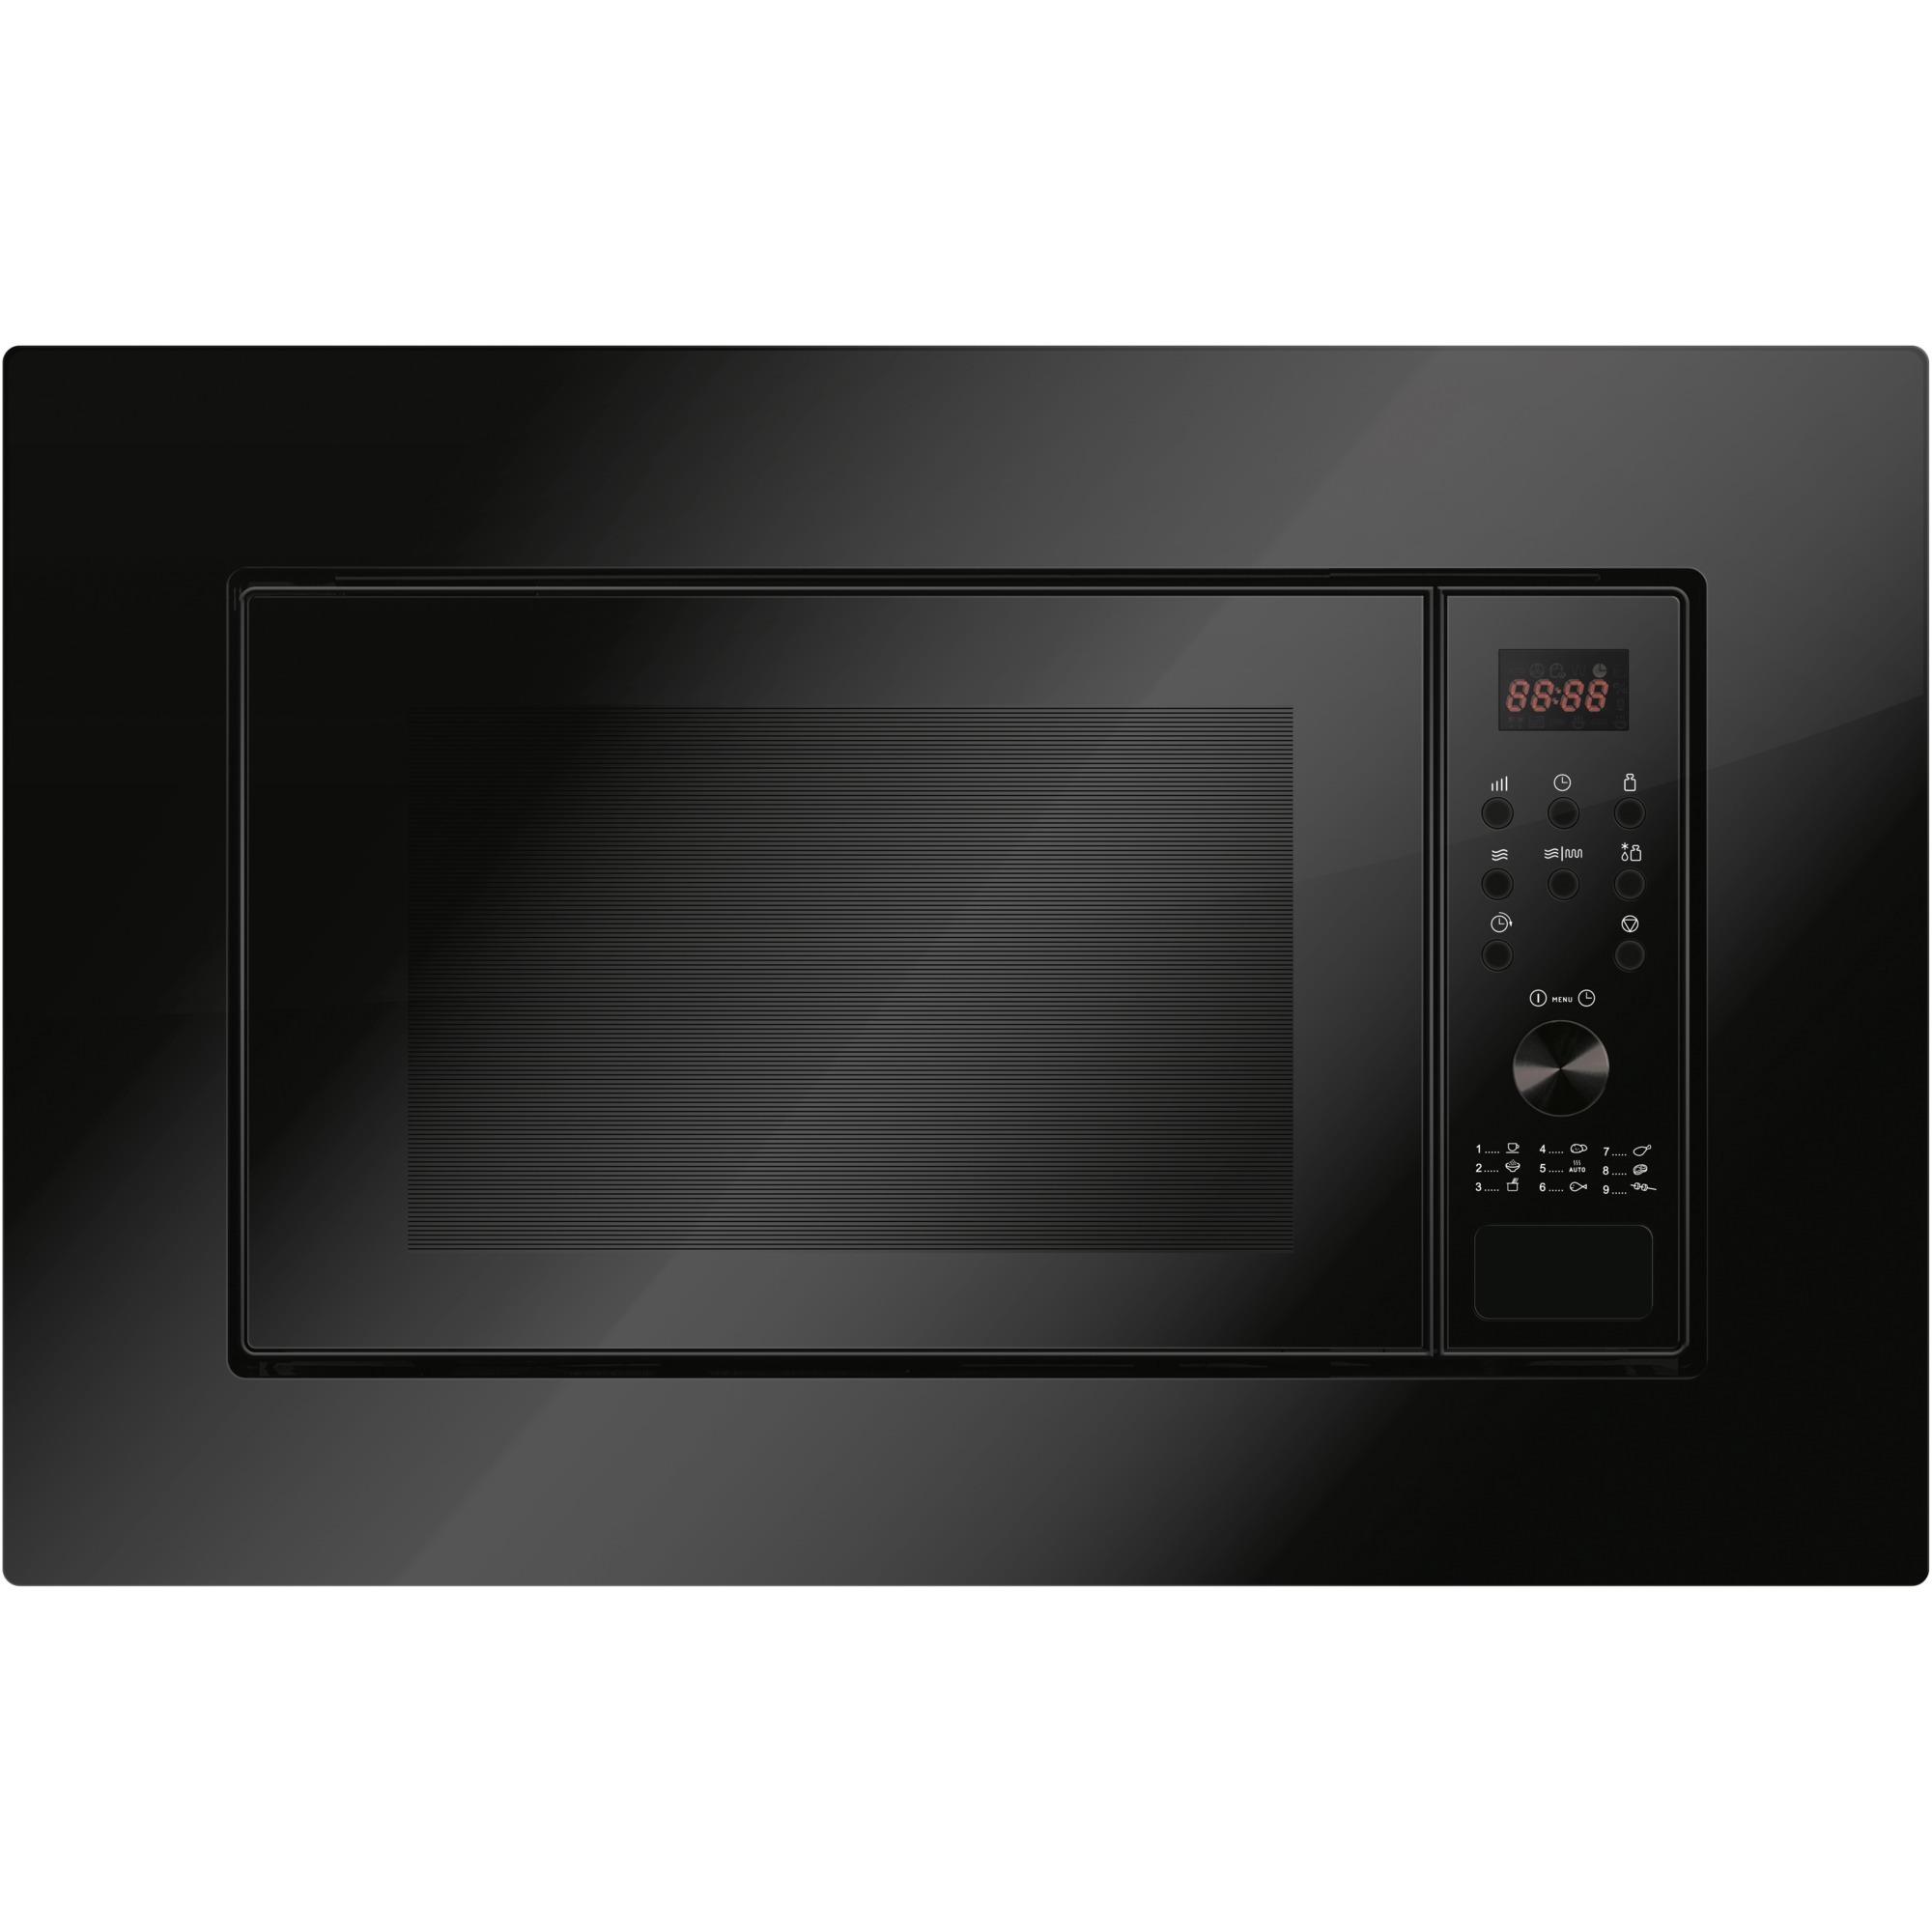 EMW 13170 S Intégré 20L 700W Noir, Four à micro-ondes